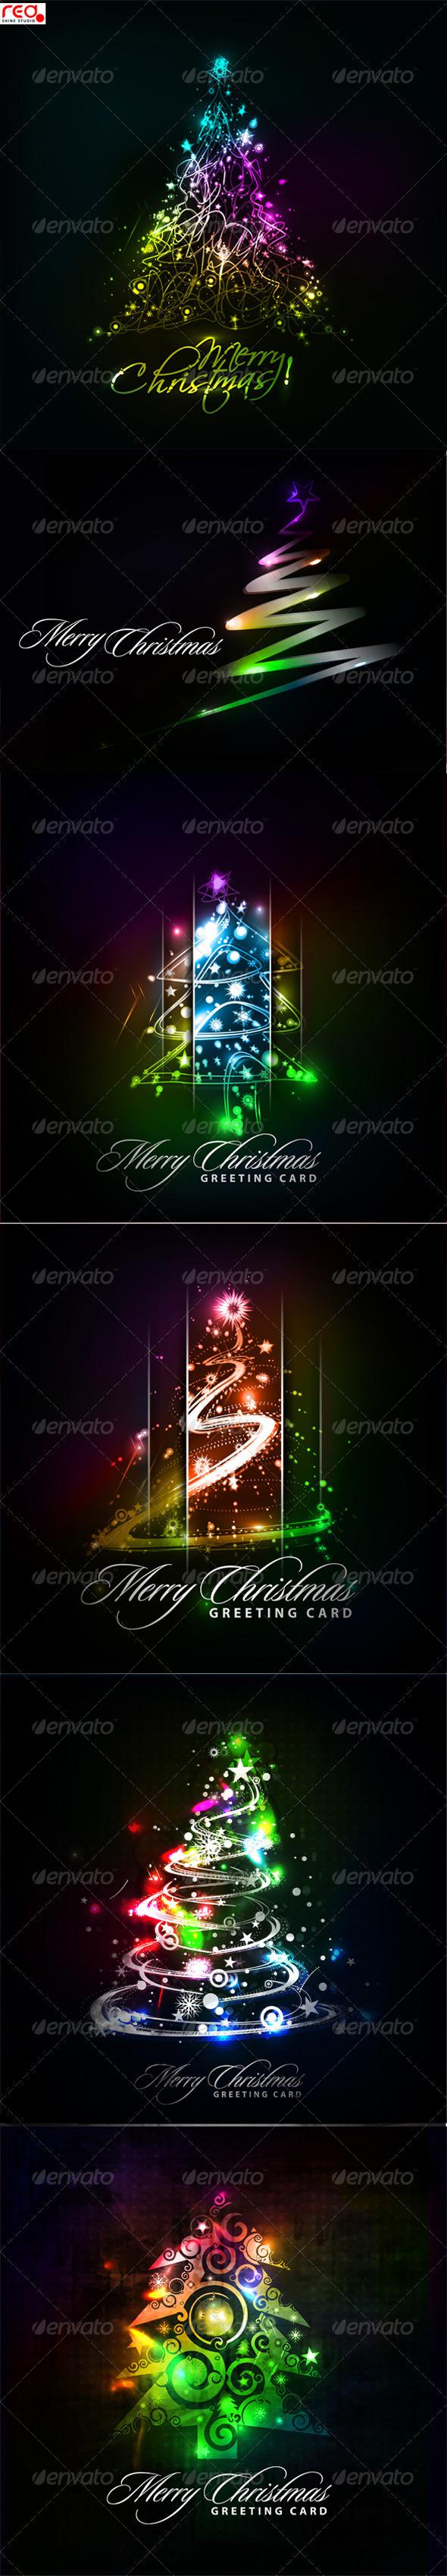 Christmas Tree Background Set